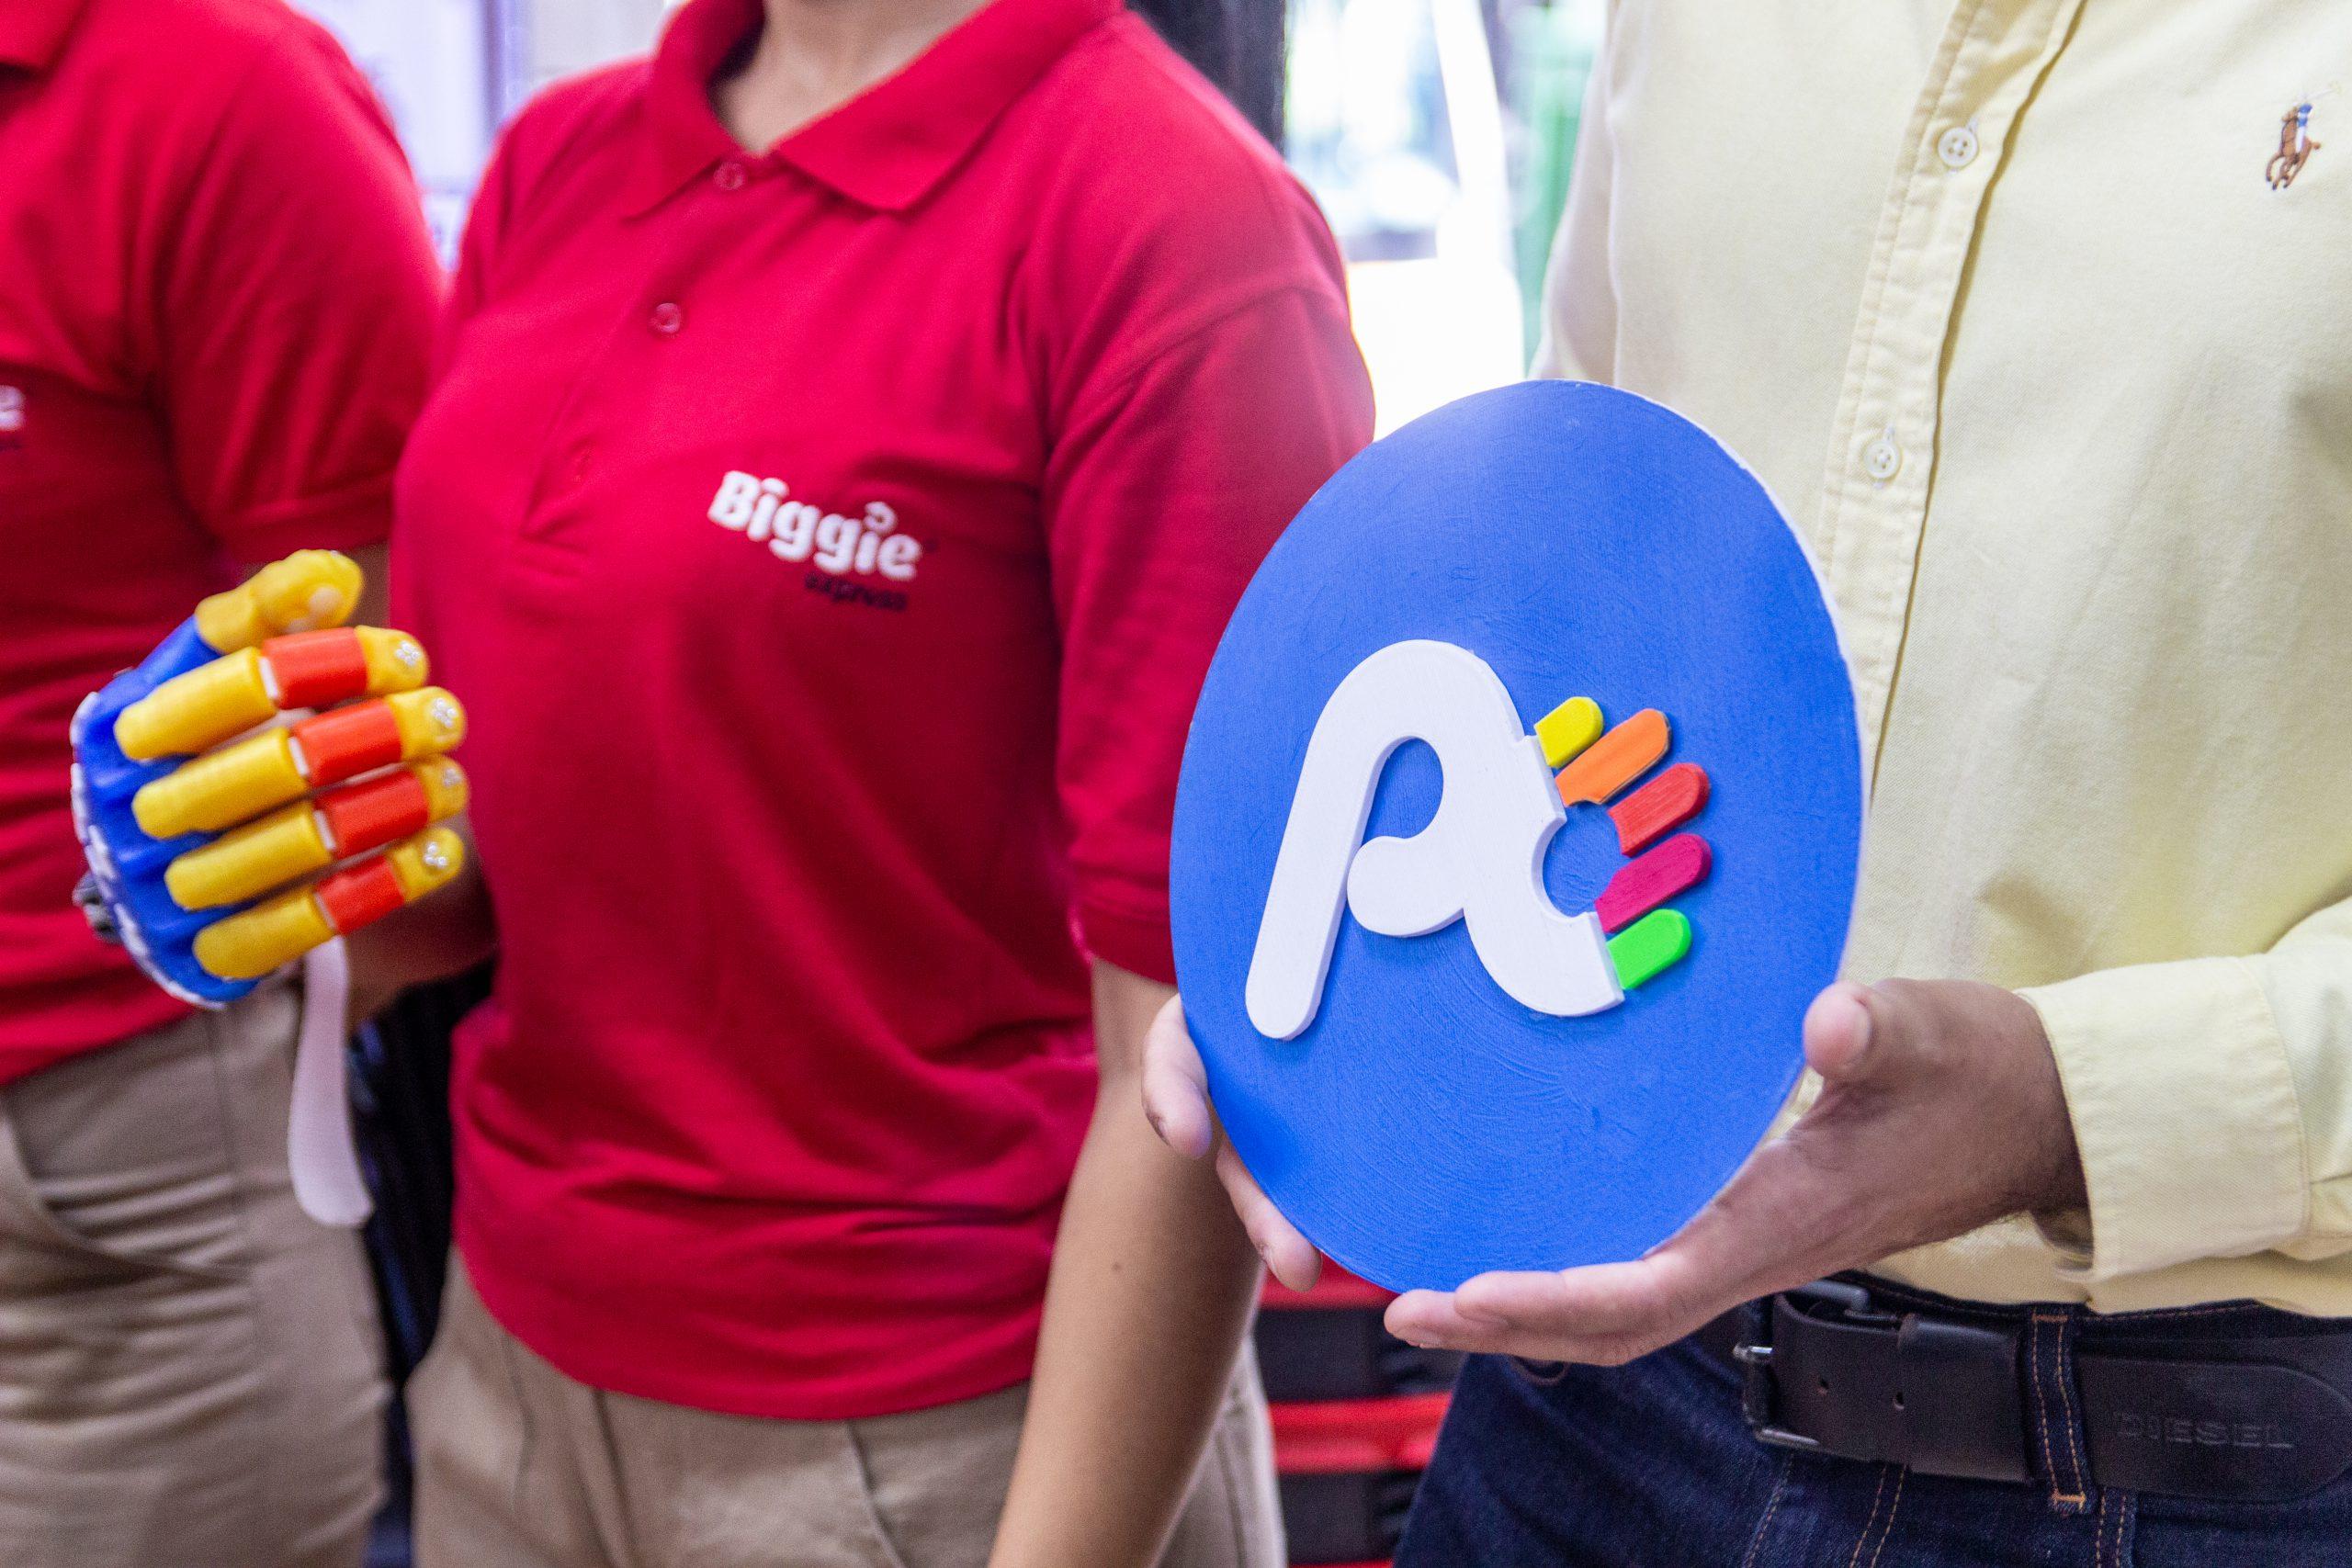 Biggie + Po: alianza que crea un mundo mejor